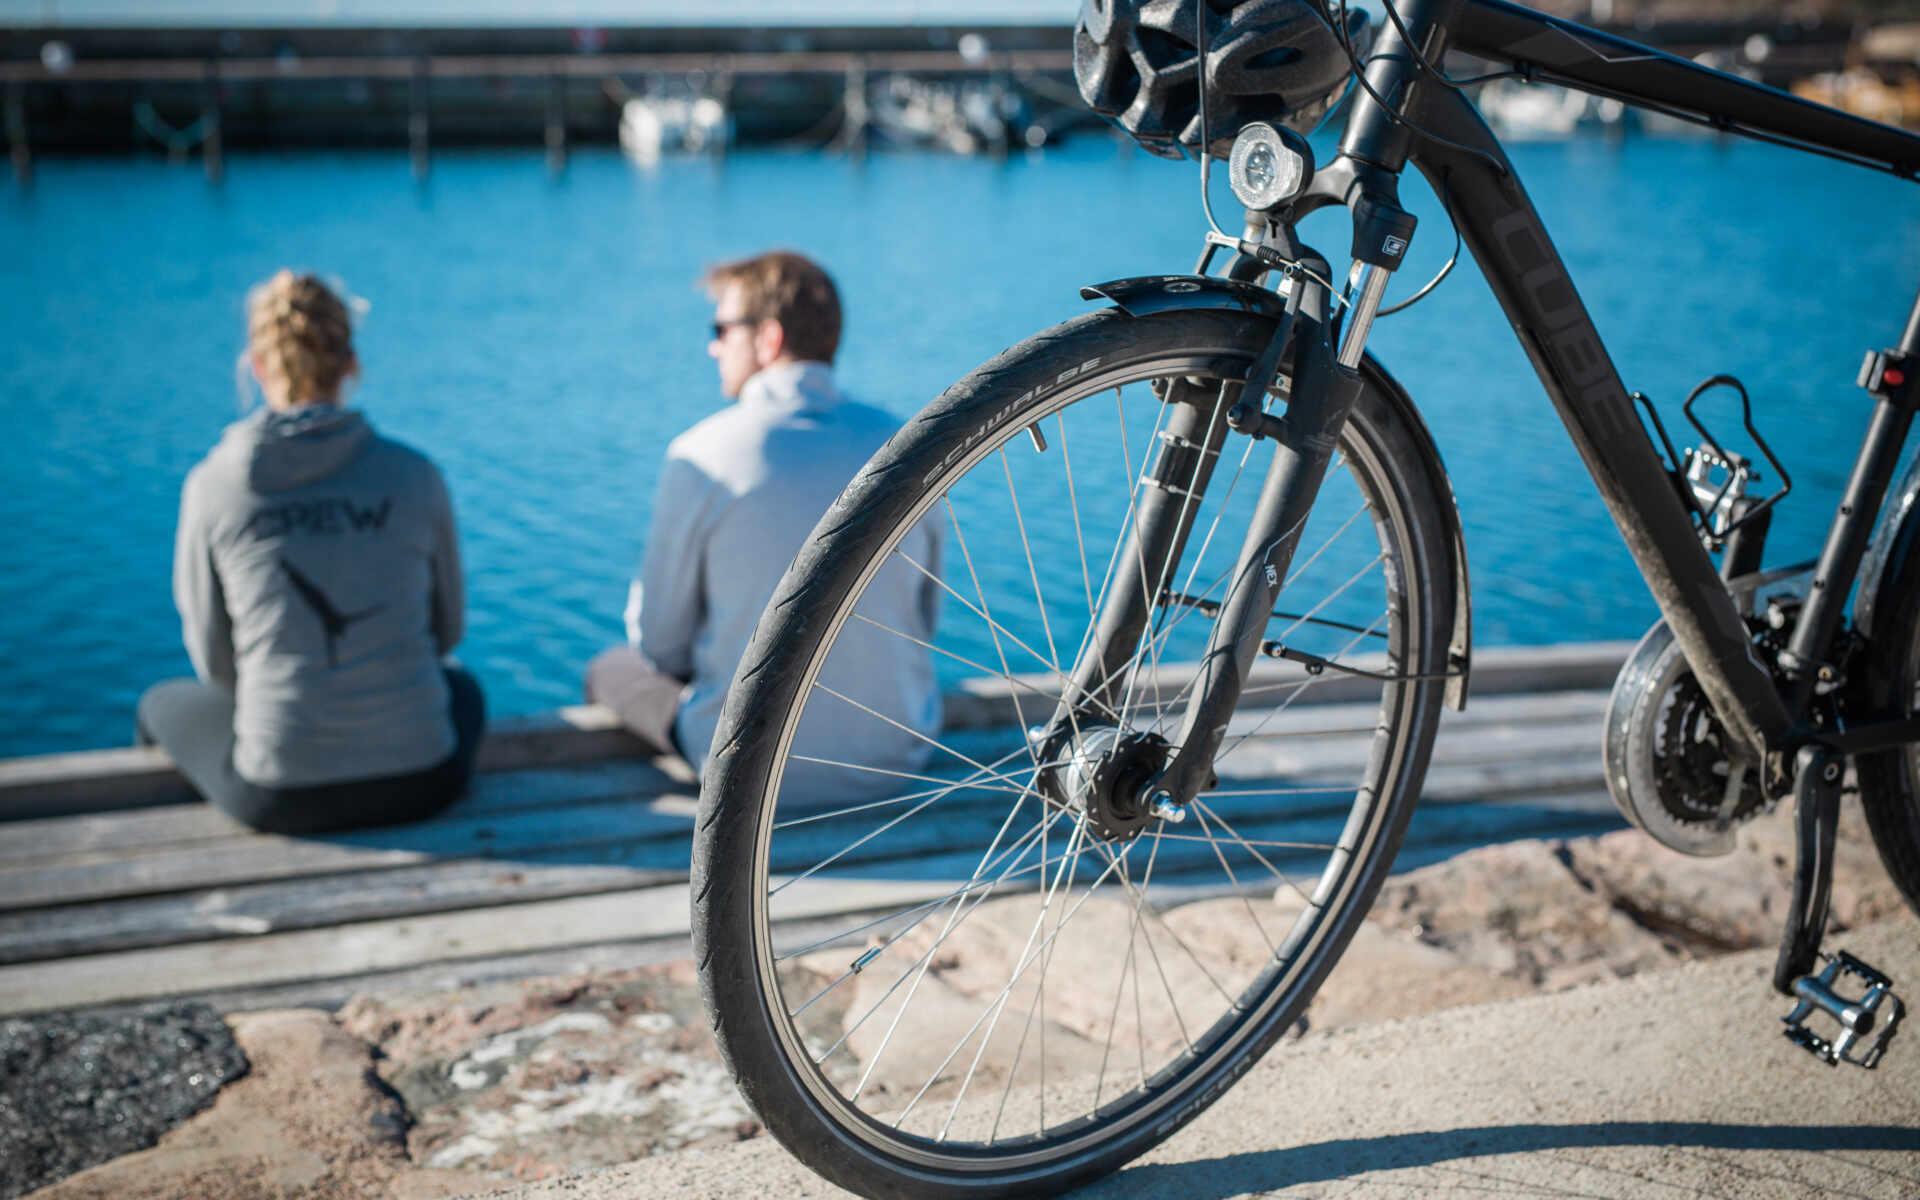 Våren är här - upptäck Nordvästra Skåne på cykel